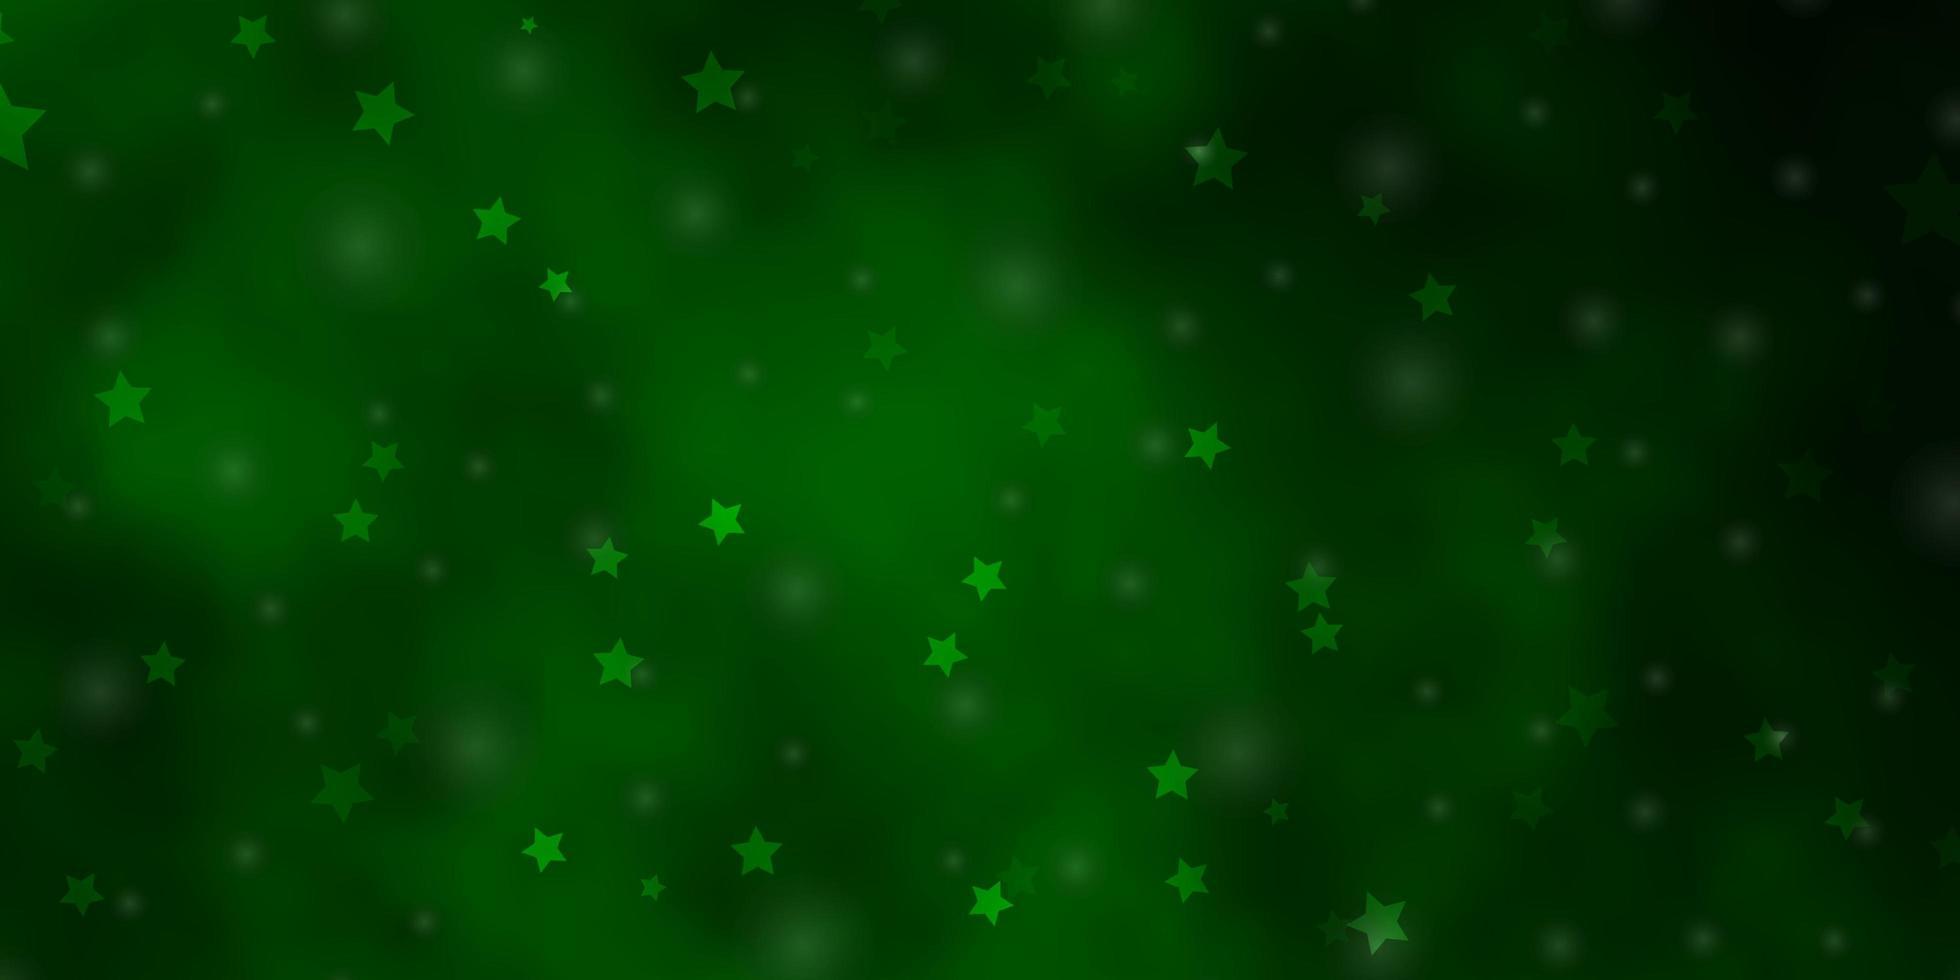 fundo verde com estrelas coloridas. vetor